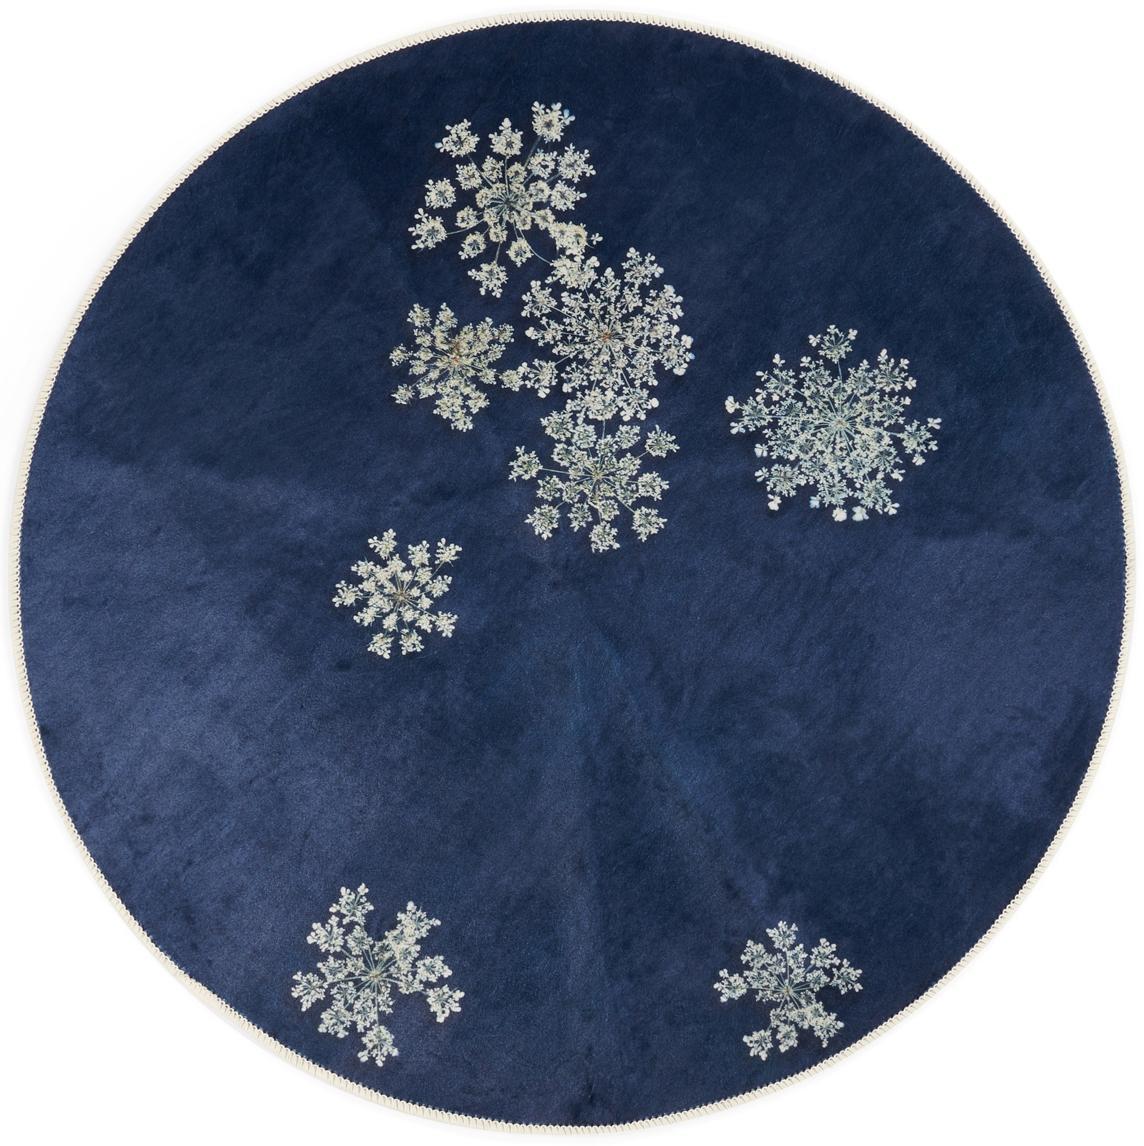 Rond vloerkleed Lauren met bloemenprint, 60% polyester, 30% thermoplastisch polyurethaan, 10% katoen, Blauw, beige, Ø 90 cm (maat XS)